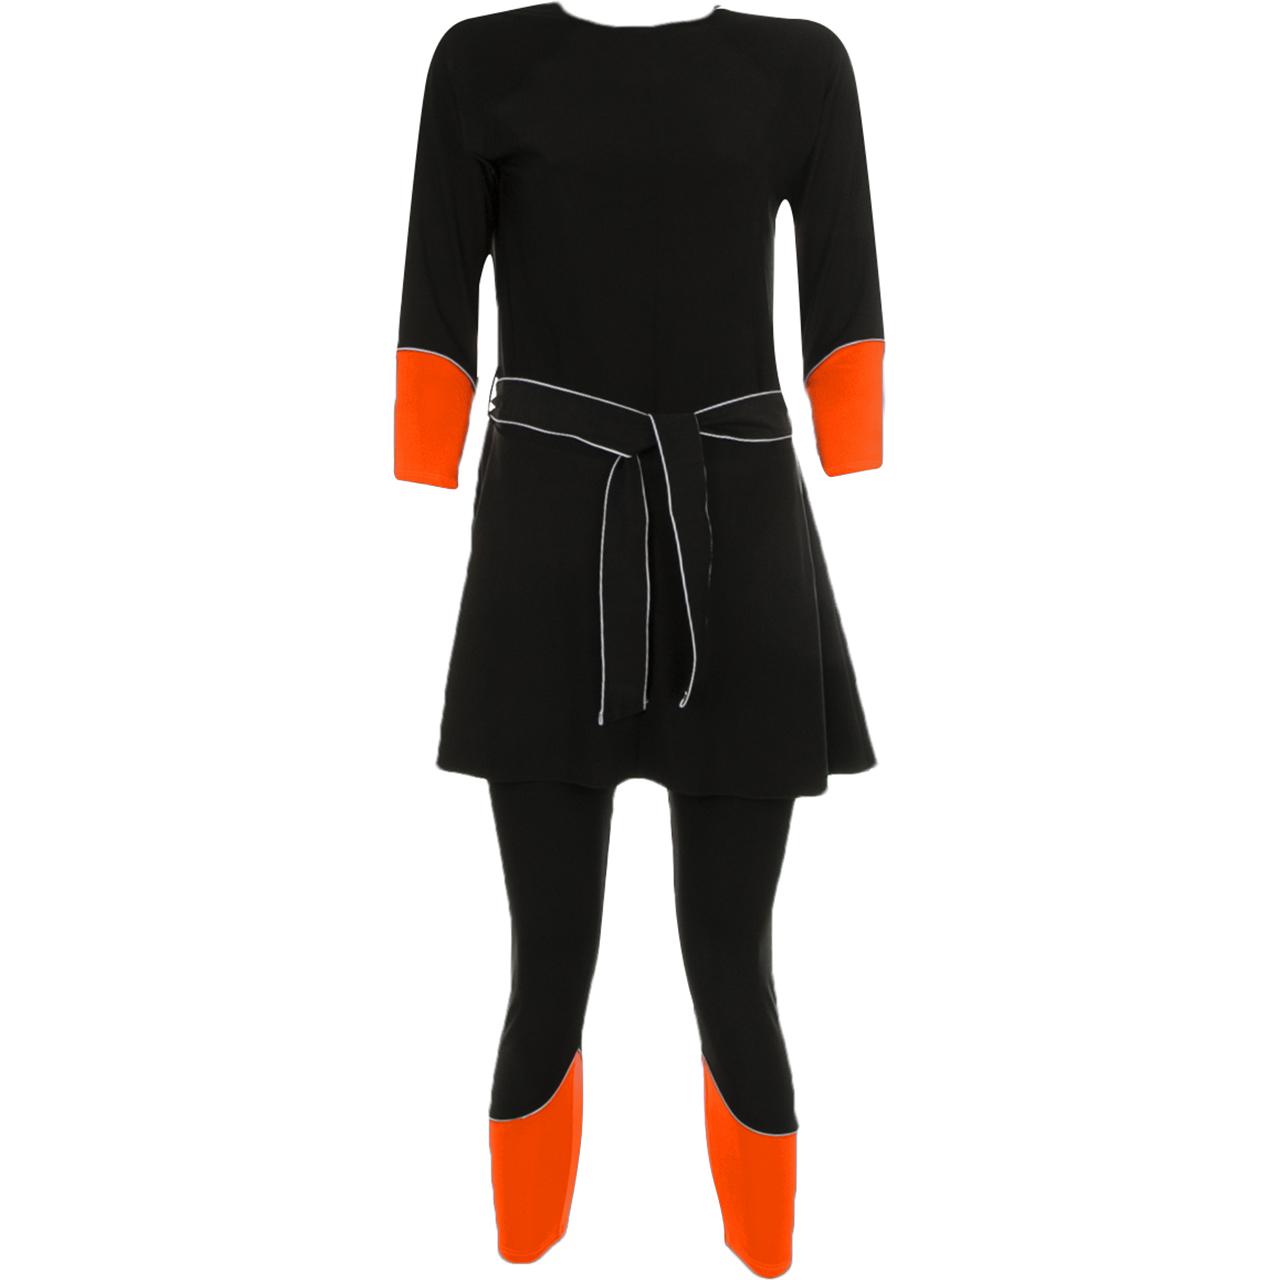 مایو زنانه  کاپدار . دامن دار پوشیده اسلامی ضد جذب مدل IS4 به همراه کلاه شنا نارنجی فسفری